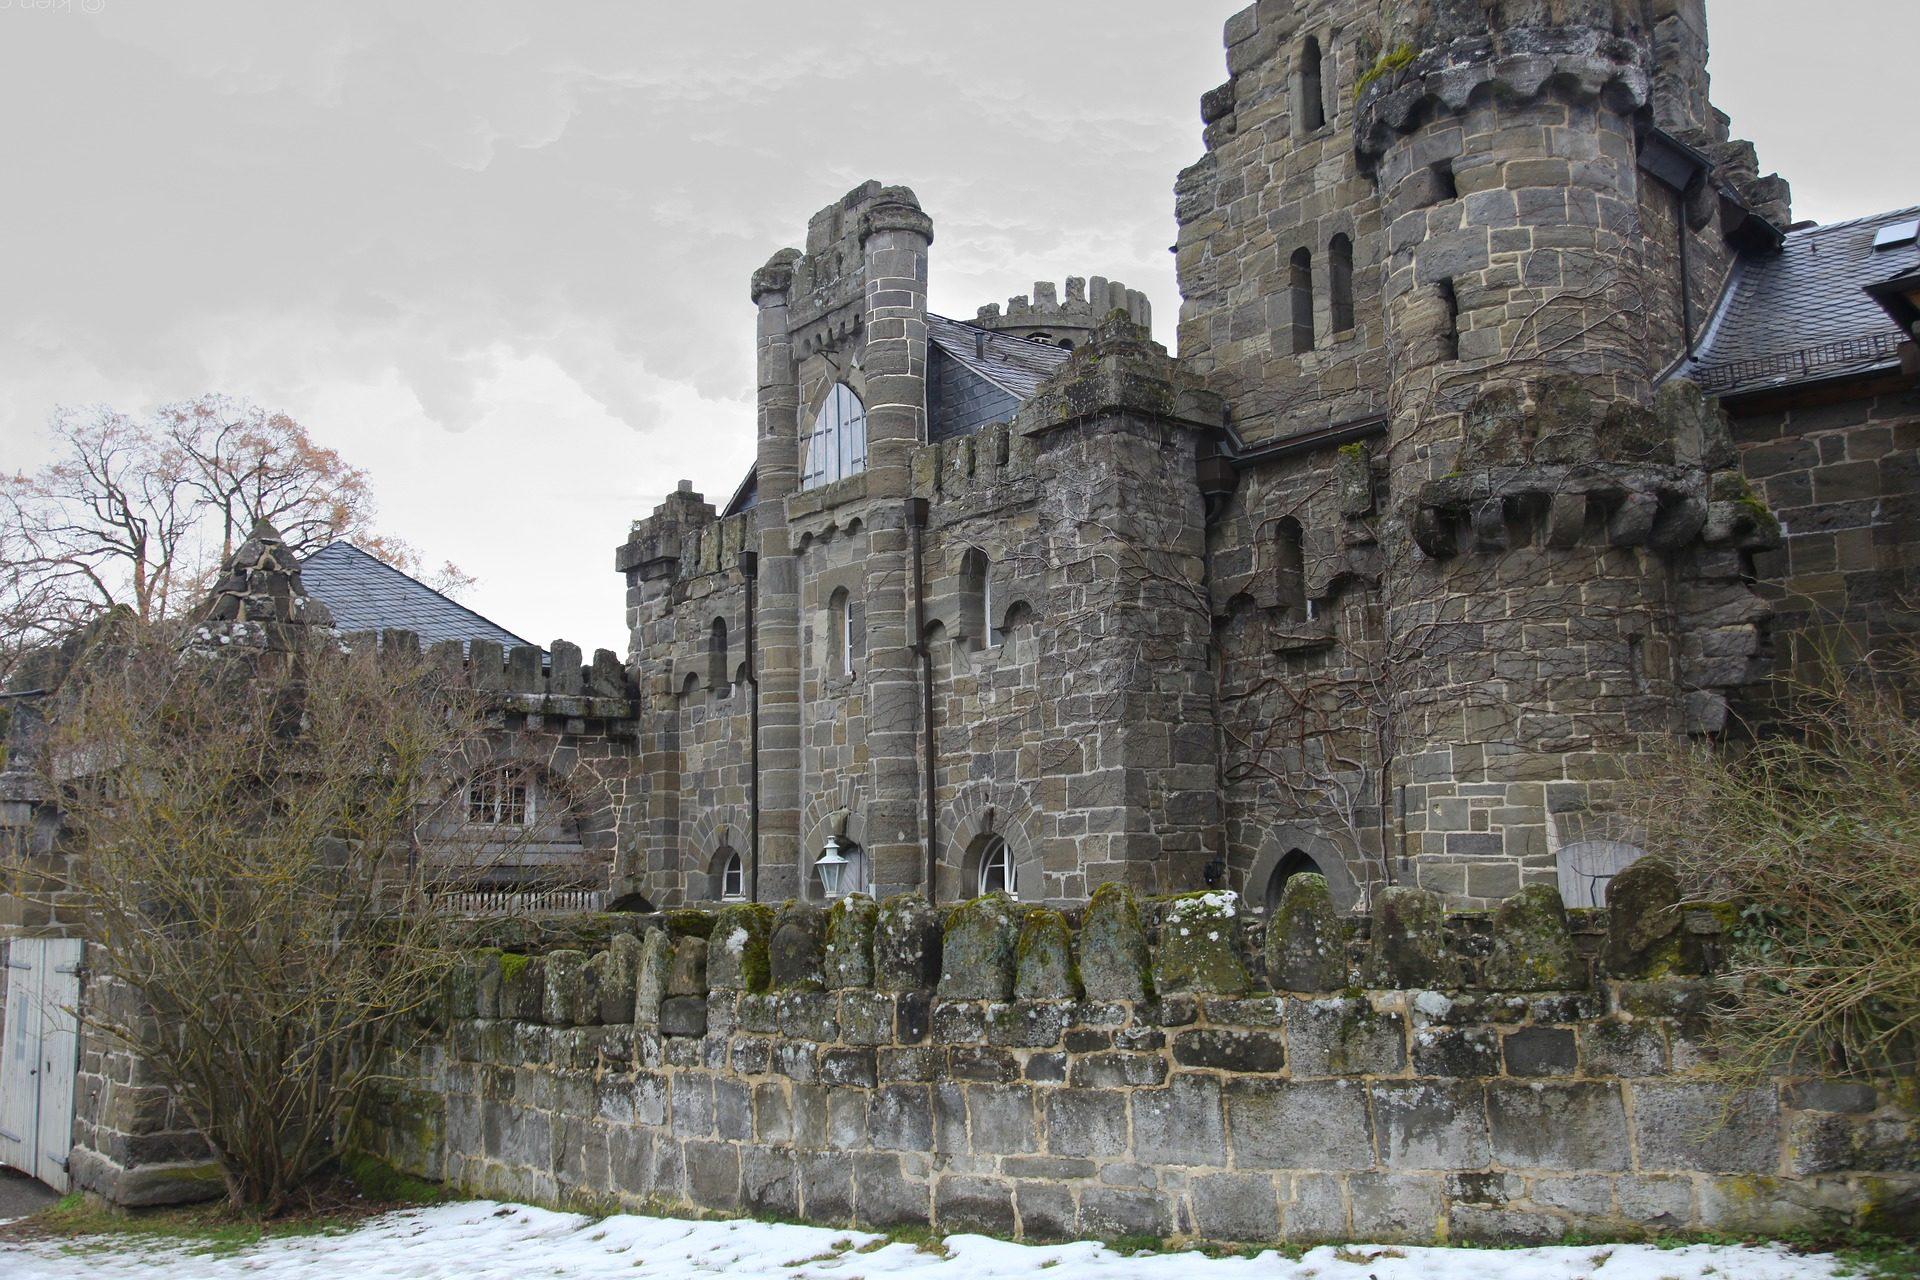 Замок, Торрес, Камень, Старый, снег, Германия - Обои HD - Профессор falken.com